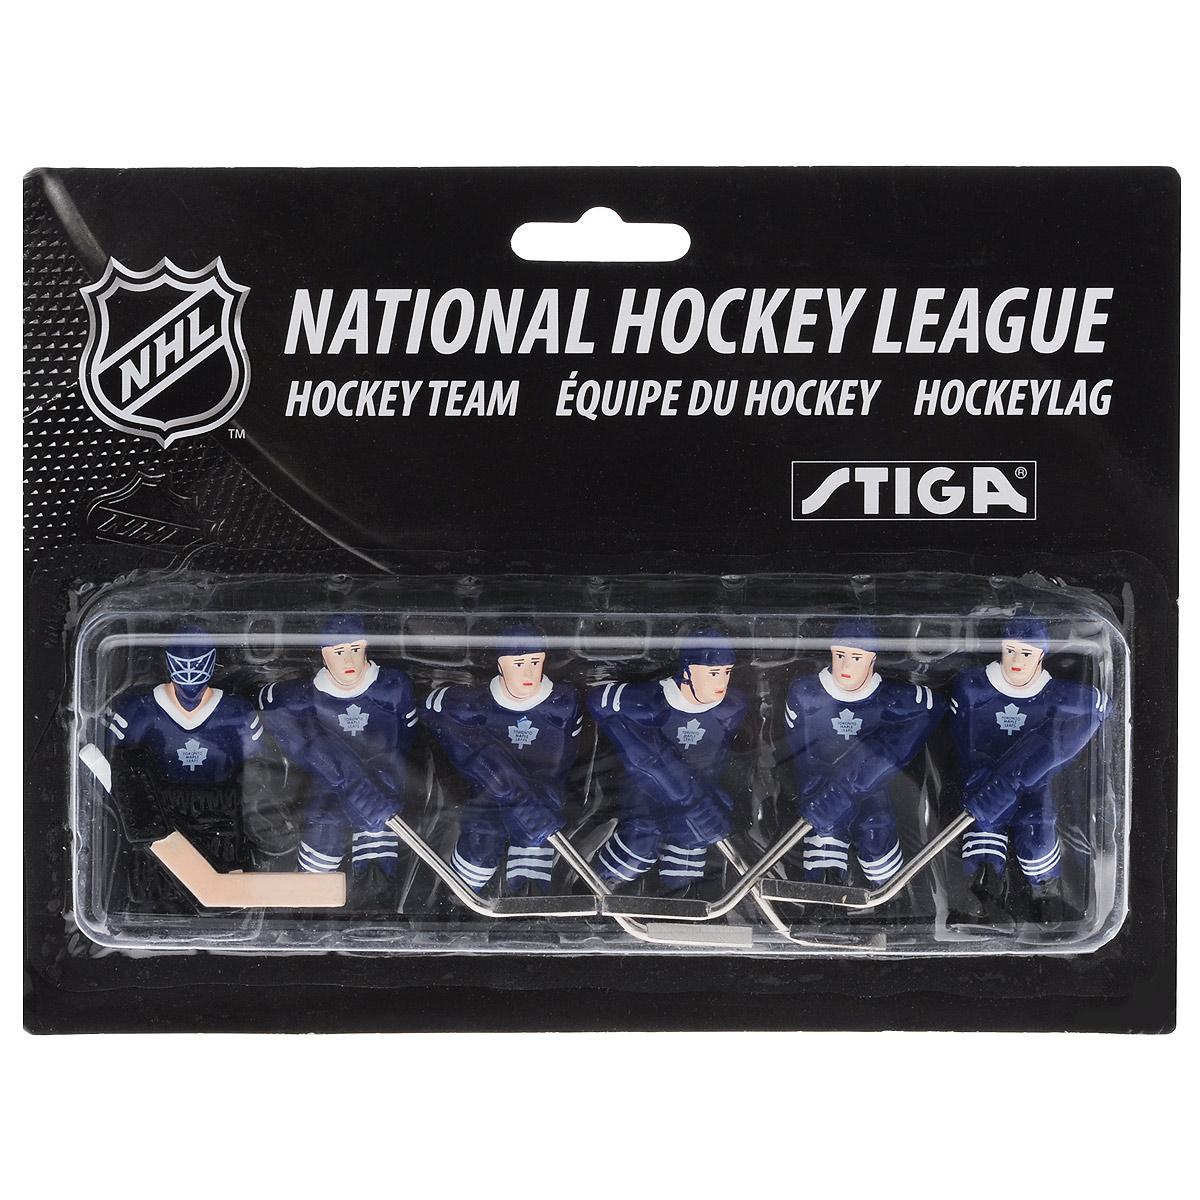 """Команда игроков Stiga """"Toronto Maple Leafs"""" включает 6 фигурок хоккеистов. Фигурки предназначены для игры в настольный хоккей. Оснащены специальными отверстиями для крепления. Команда имеет раскраску формы, аналогичную настоящей команде NHL Toronto Maple Leafs. Игроки имеют отличную детализацию и раскрашены вручную. В команде: вратарь, 2 леворуких и 3 праворуких хоккеиста. Теперь вы можете сыграть в настольный хоккей за команду """"Toronto Maple Leafs"""". Игроки предназначены для хоккея Stiga NHL Stanley Cup. Однако, несмотря на некоторые отличия, они также без проблем подойдут для Stiga Play Off и Stiga High Speed. Высота фигурки: 6 см. Количество фигурок: 6 шт."""